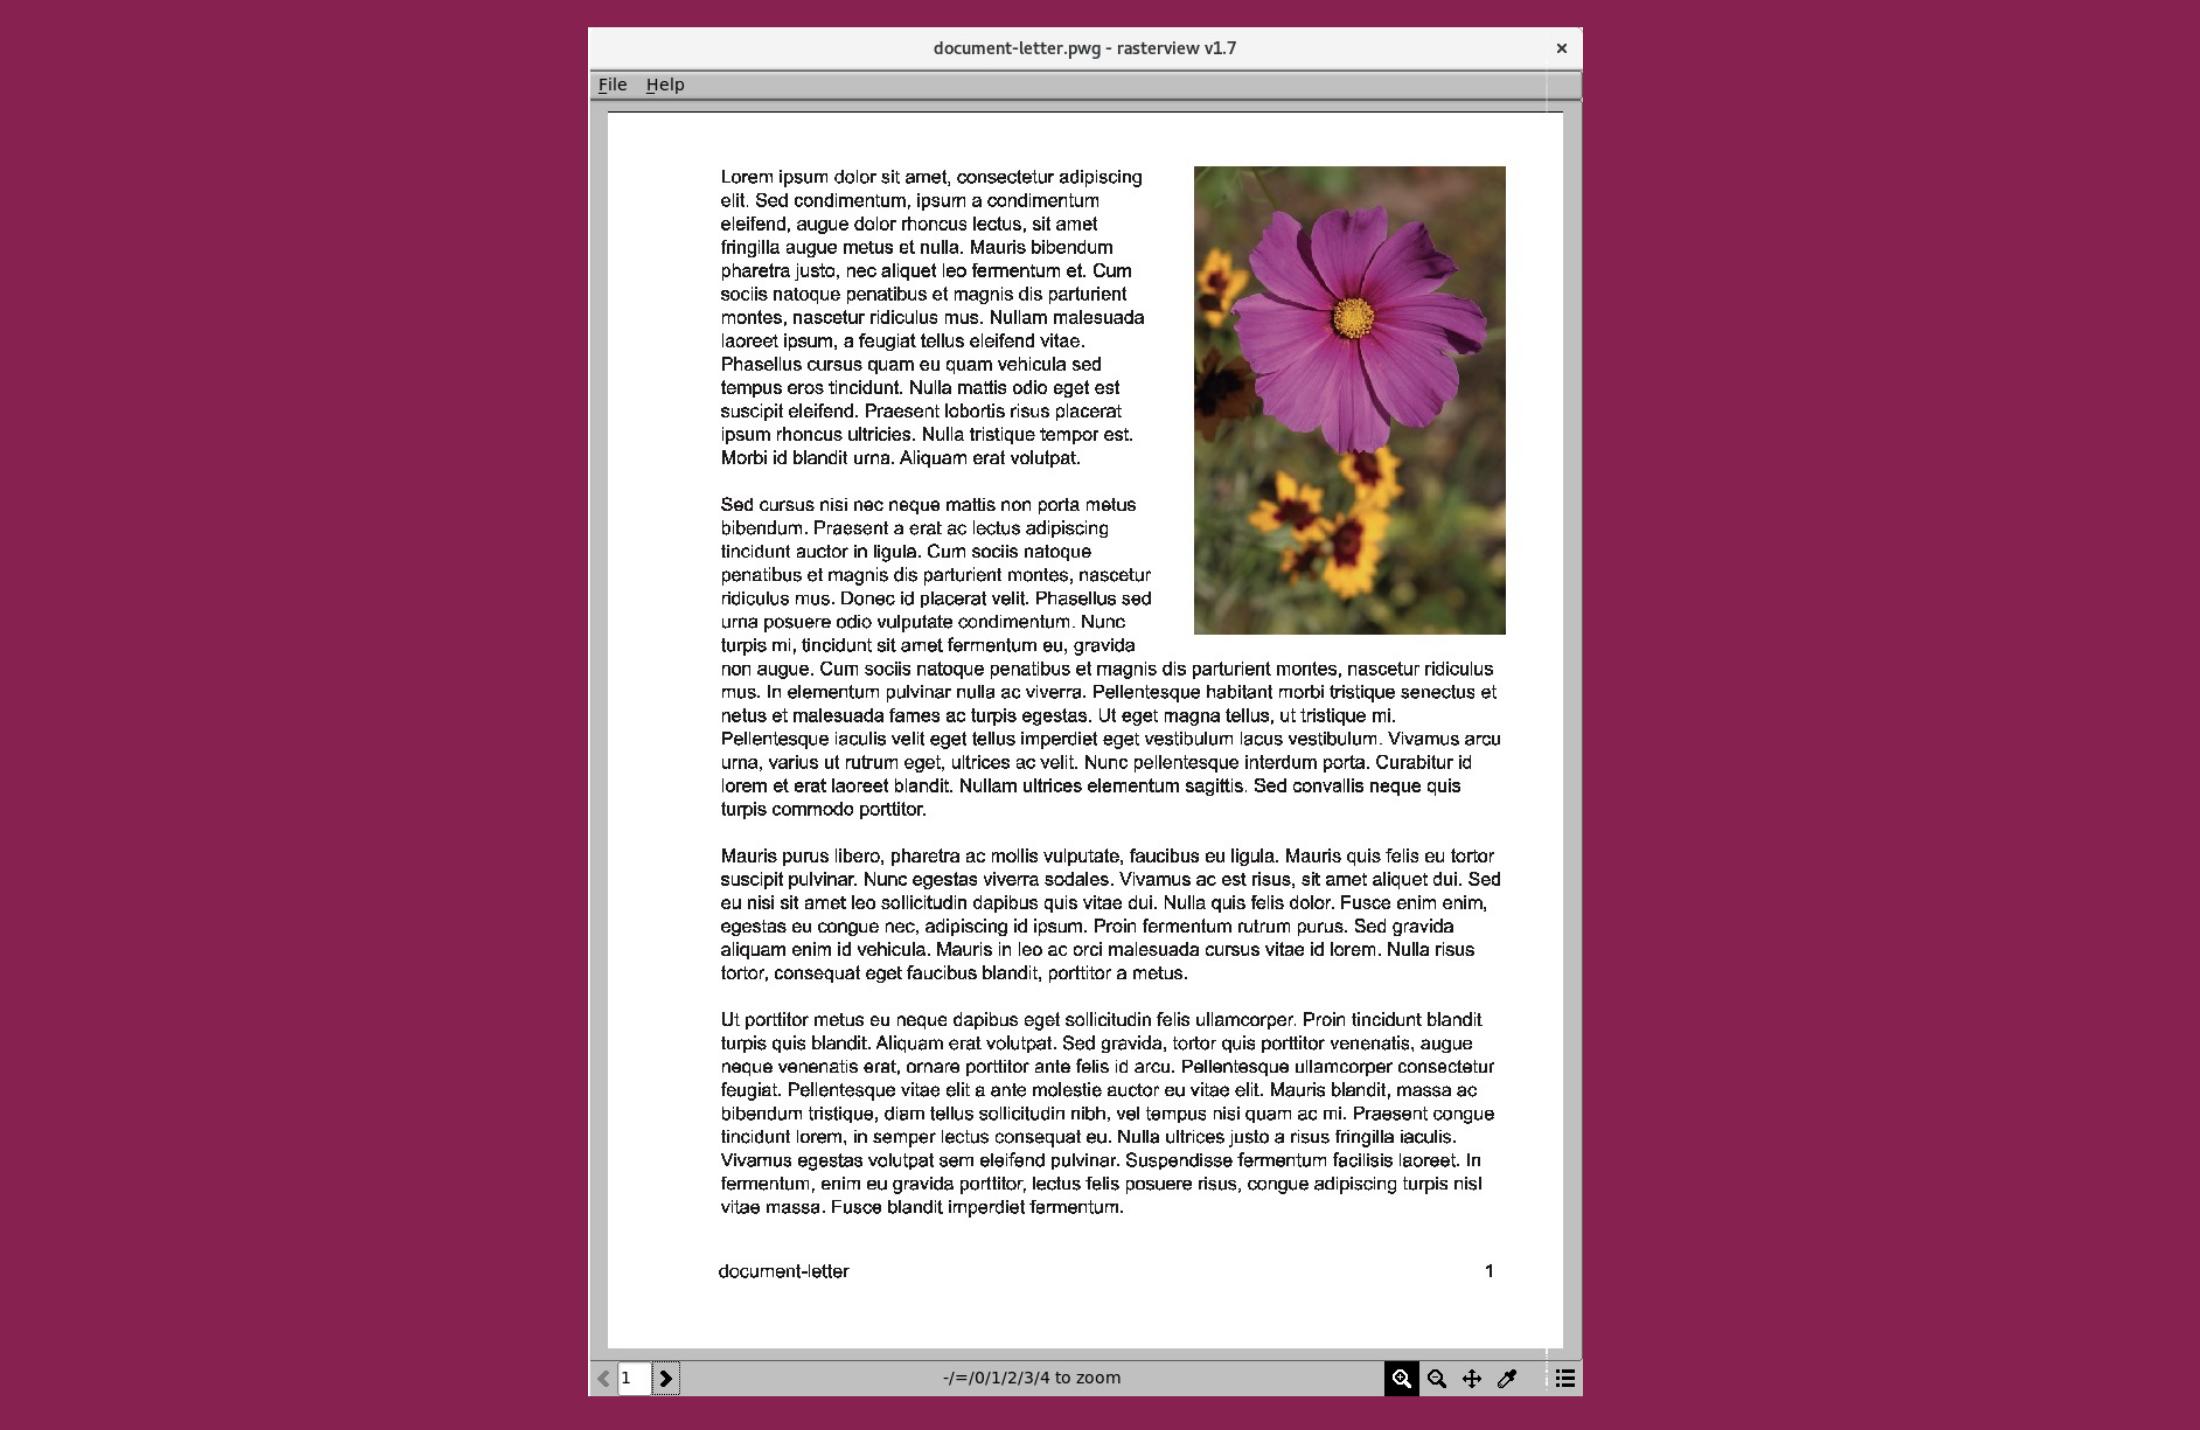 como-instalar-o-raster-view-um-visualizador-de-arquivos-raster-no-ubuntu-linux-mint-fedora-debian